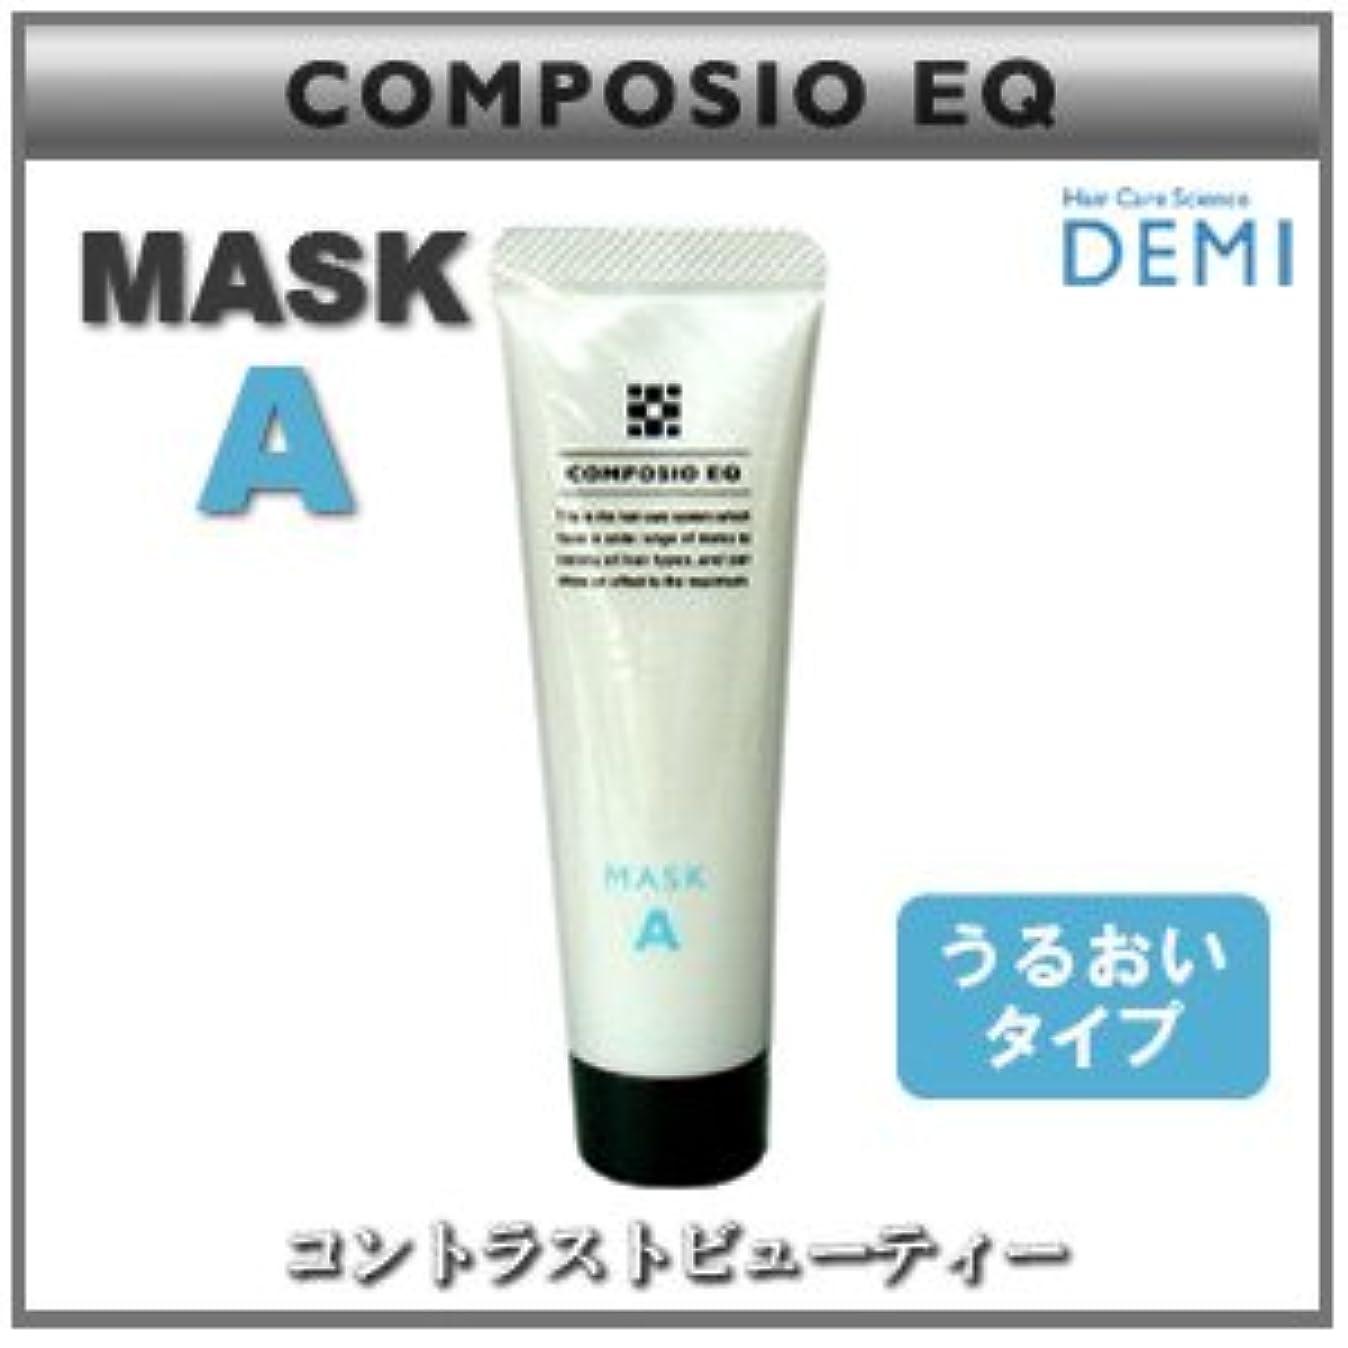 むき出し過度にヘッドレス【X4個セット】 デミ コンポジオ EQ マスク A 50g